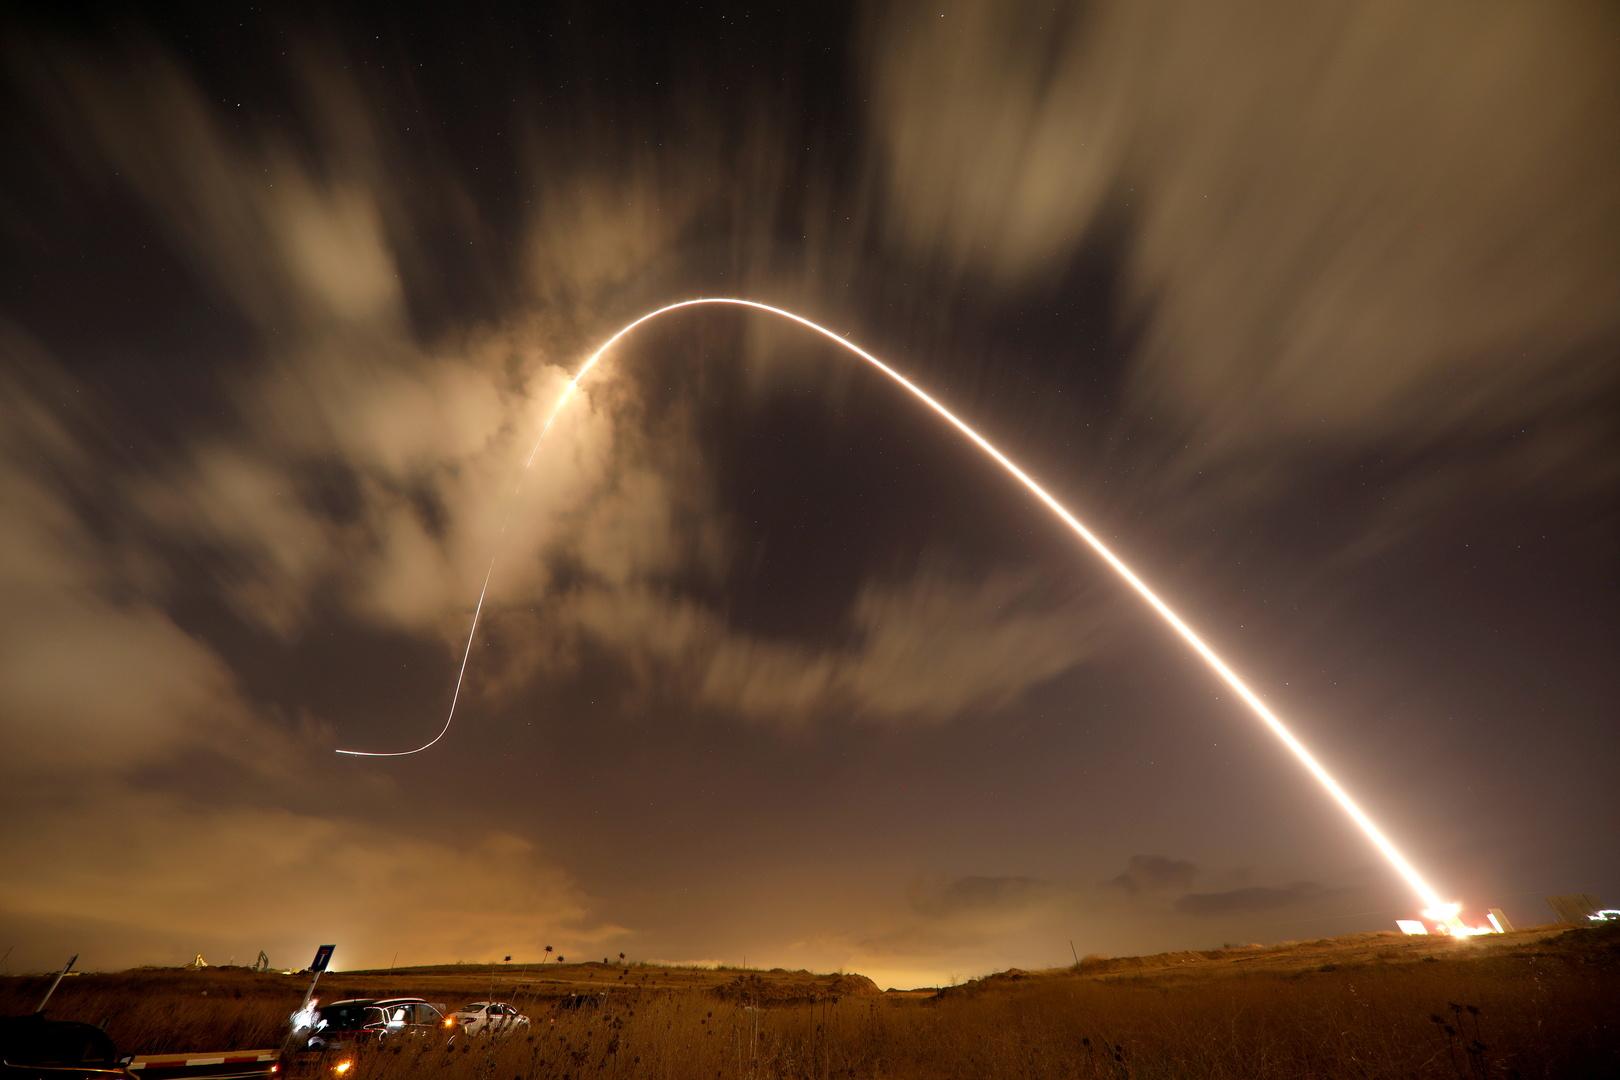 الجيش الاسرائيلي يعلن فتح تحقيق في مدى نجاح عملية اعتراض الصاروخ الذي أطلق من سوريا